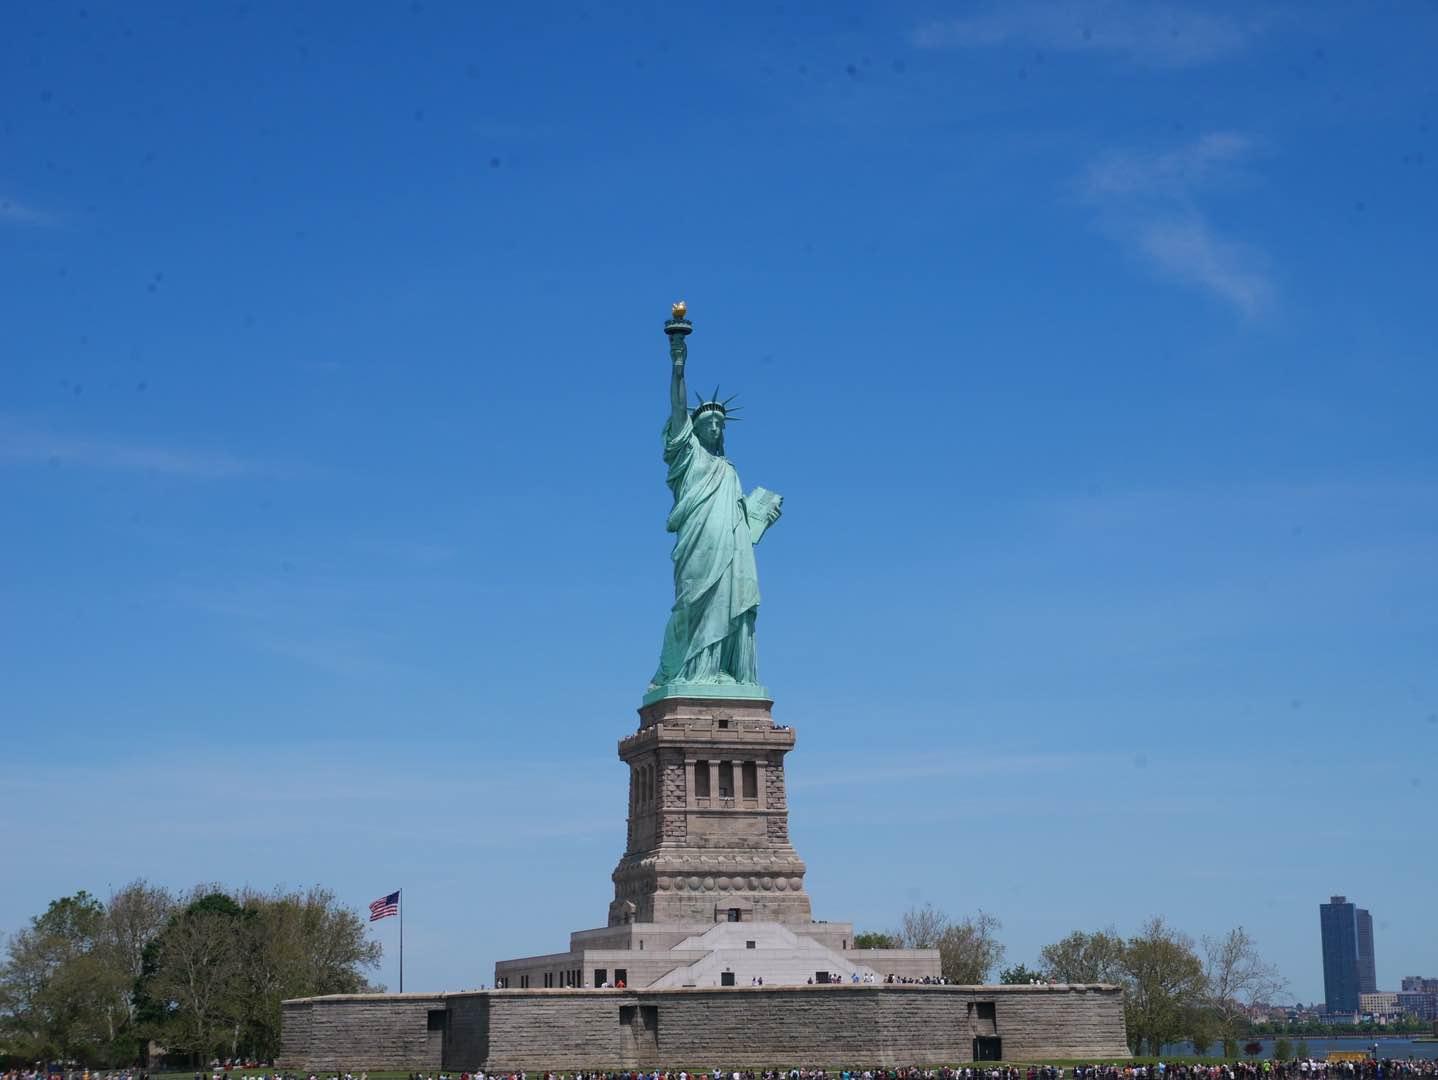 ニューヨーク旅行記。イクメンの一人旅!妻に感謝。